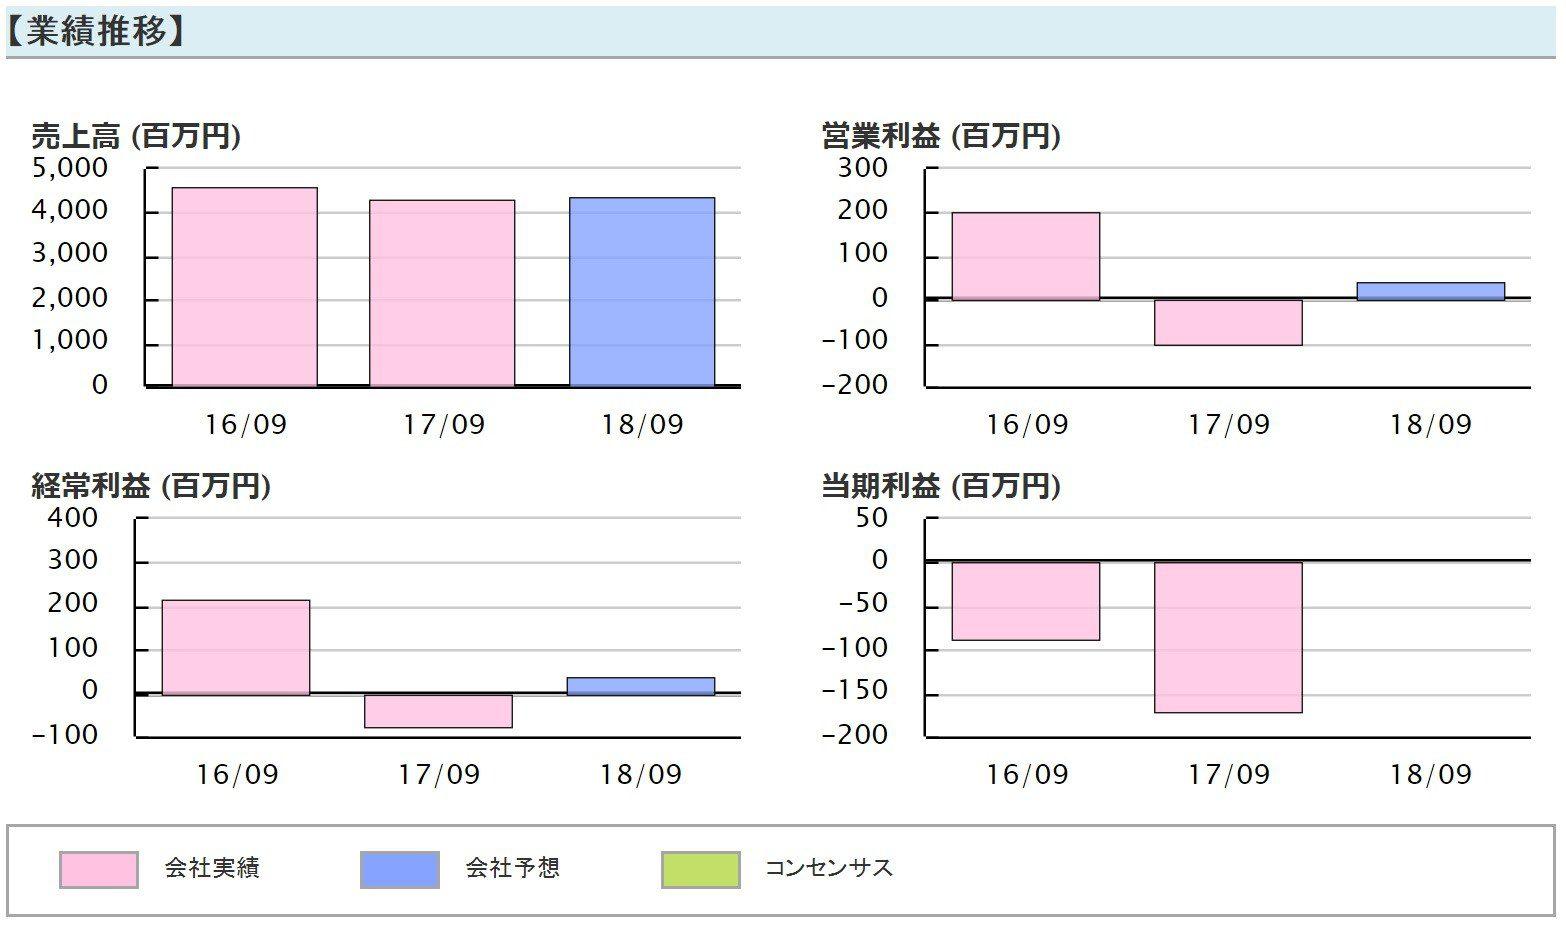 【3691】リアルワールド業績推移